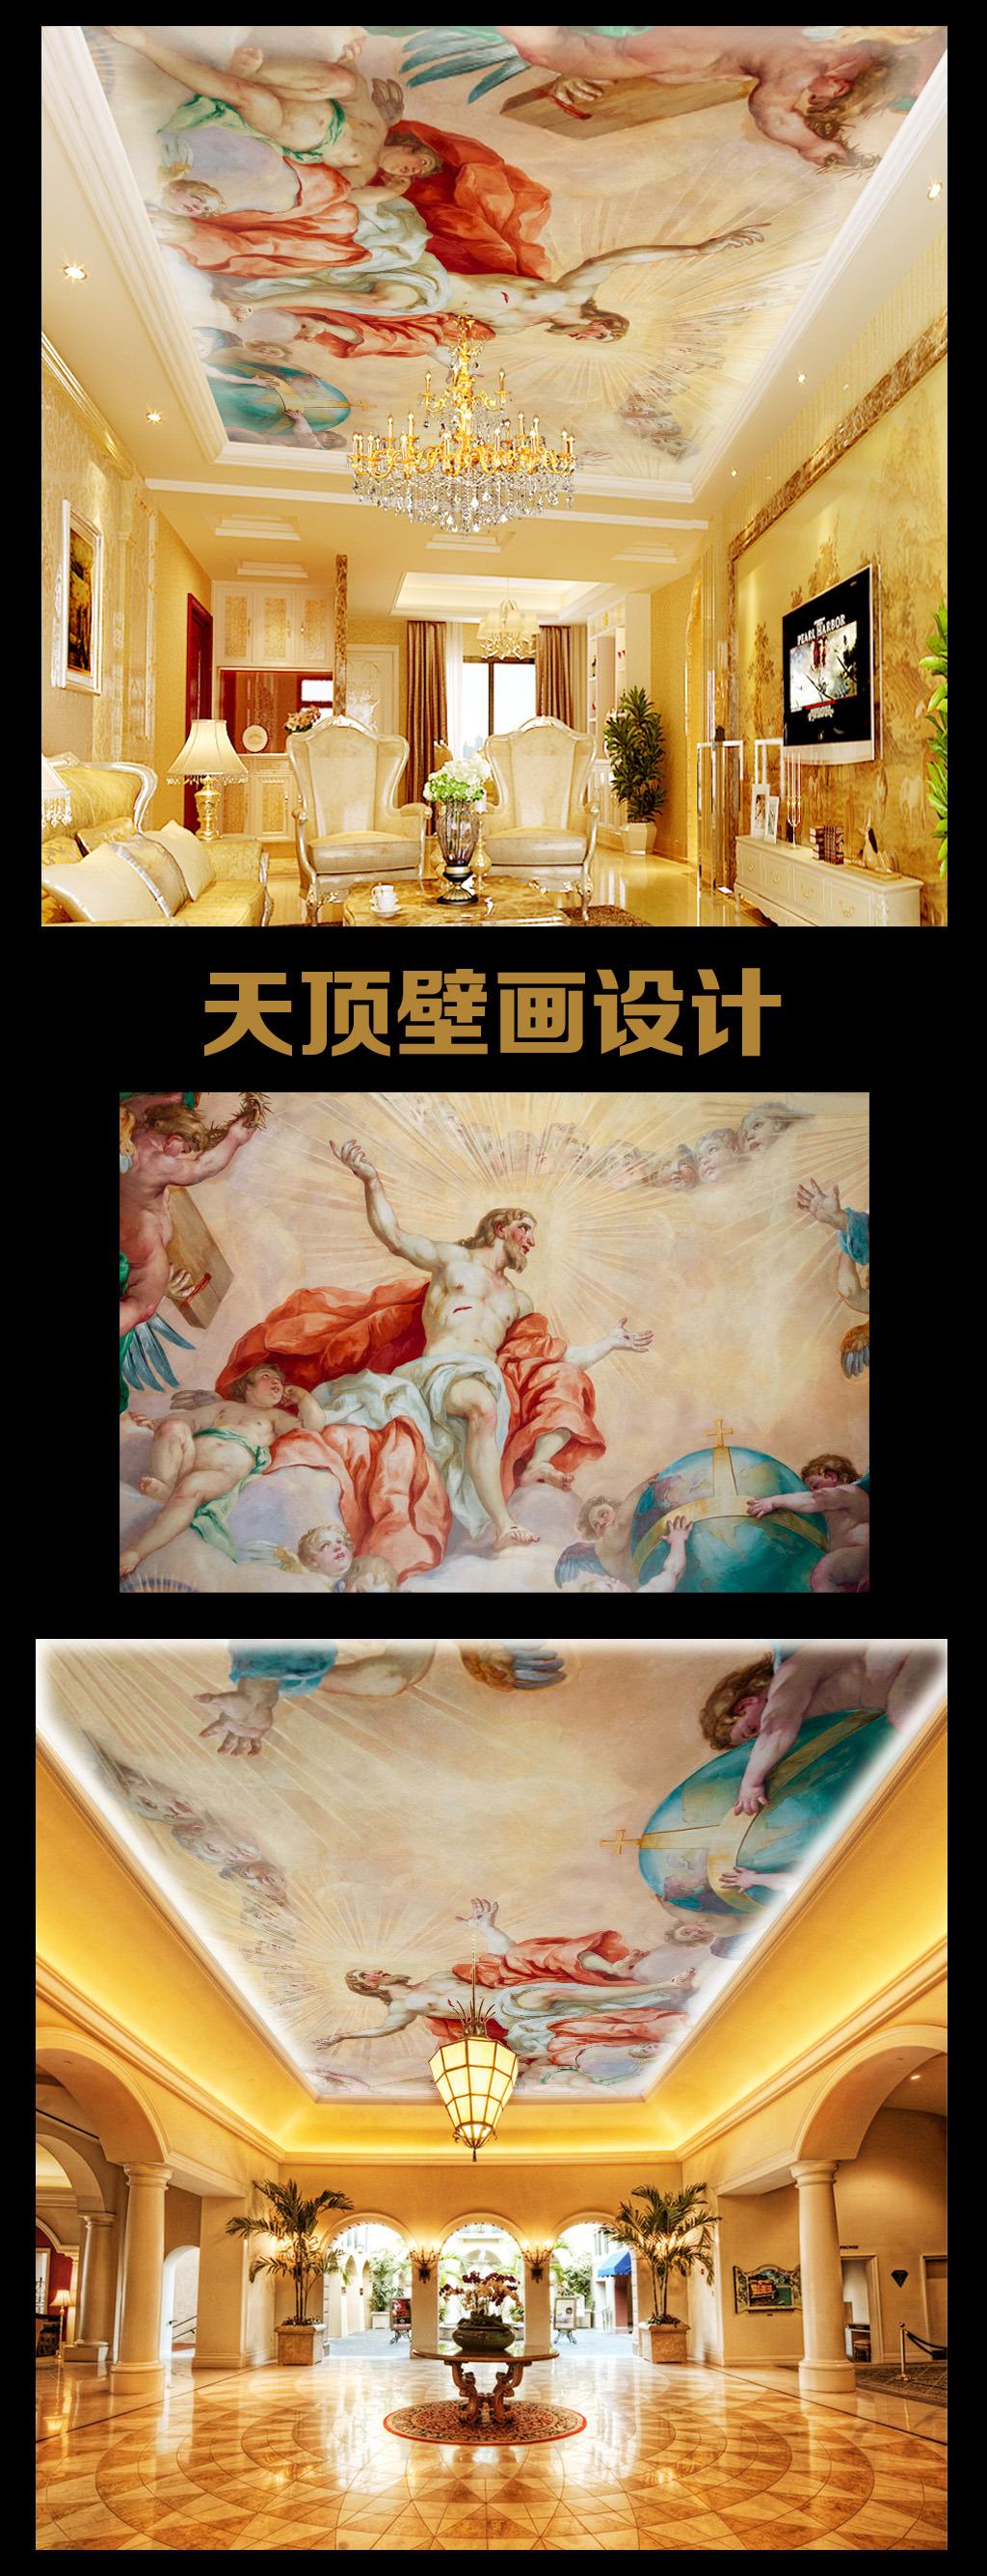 欧式奢华高贵典雅艺术吊顶墙纸壁画图